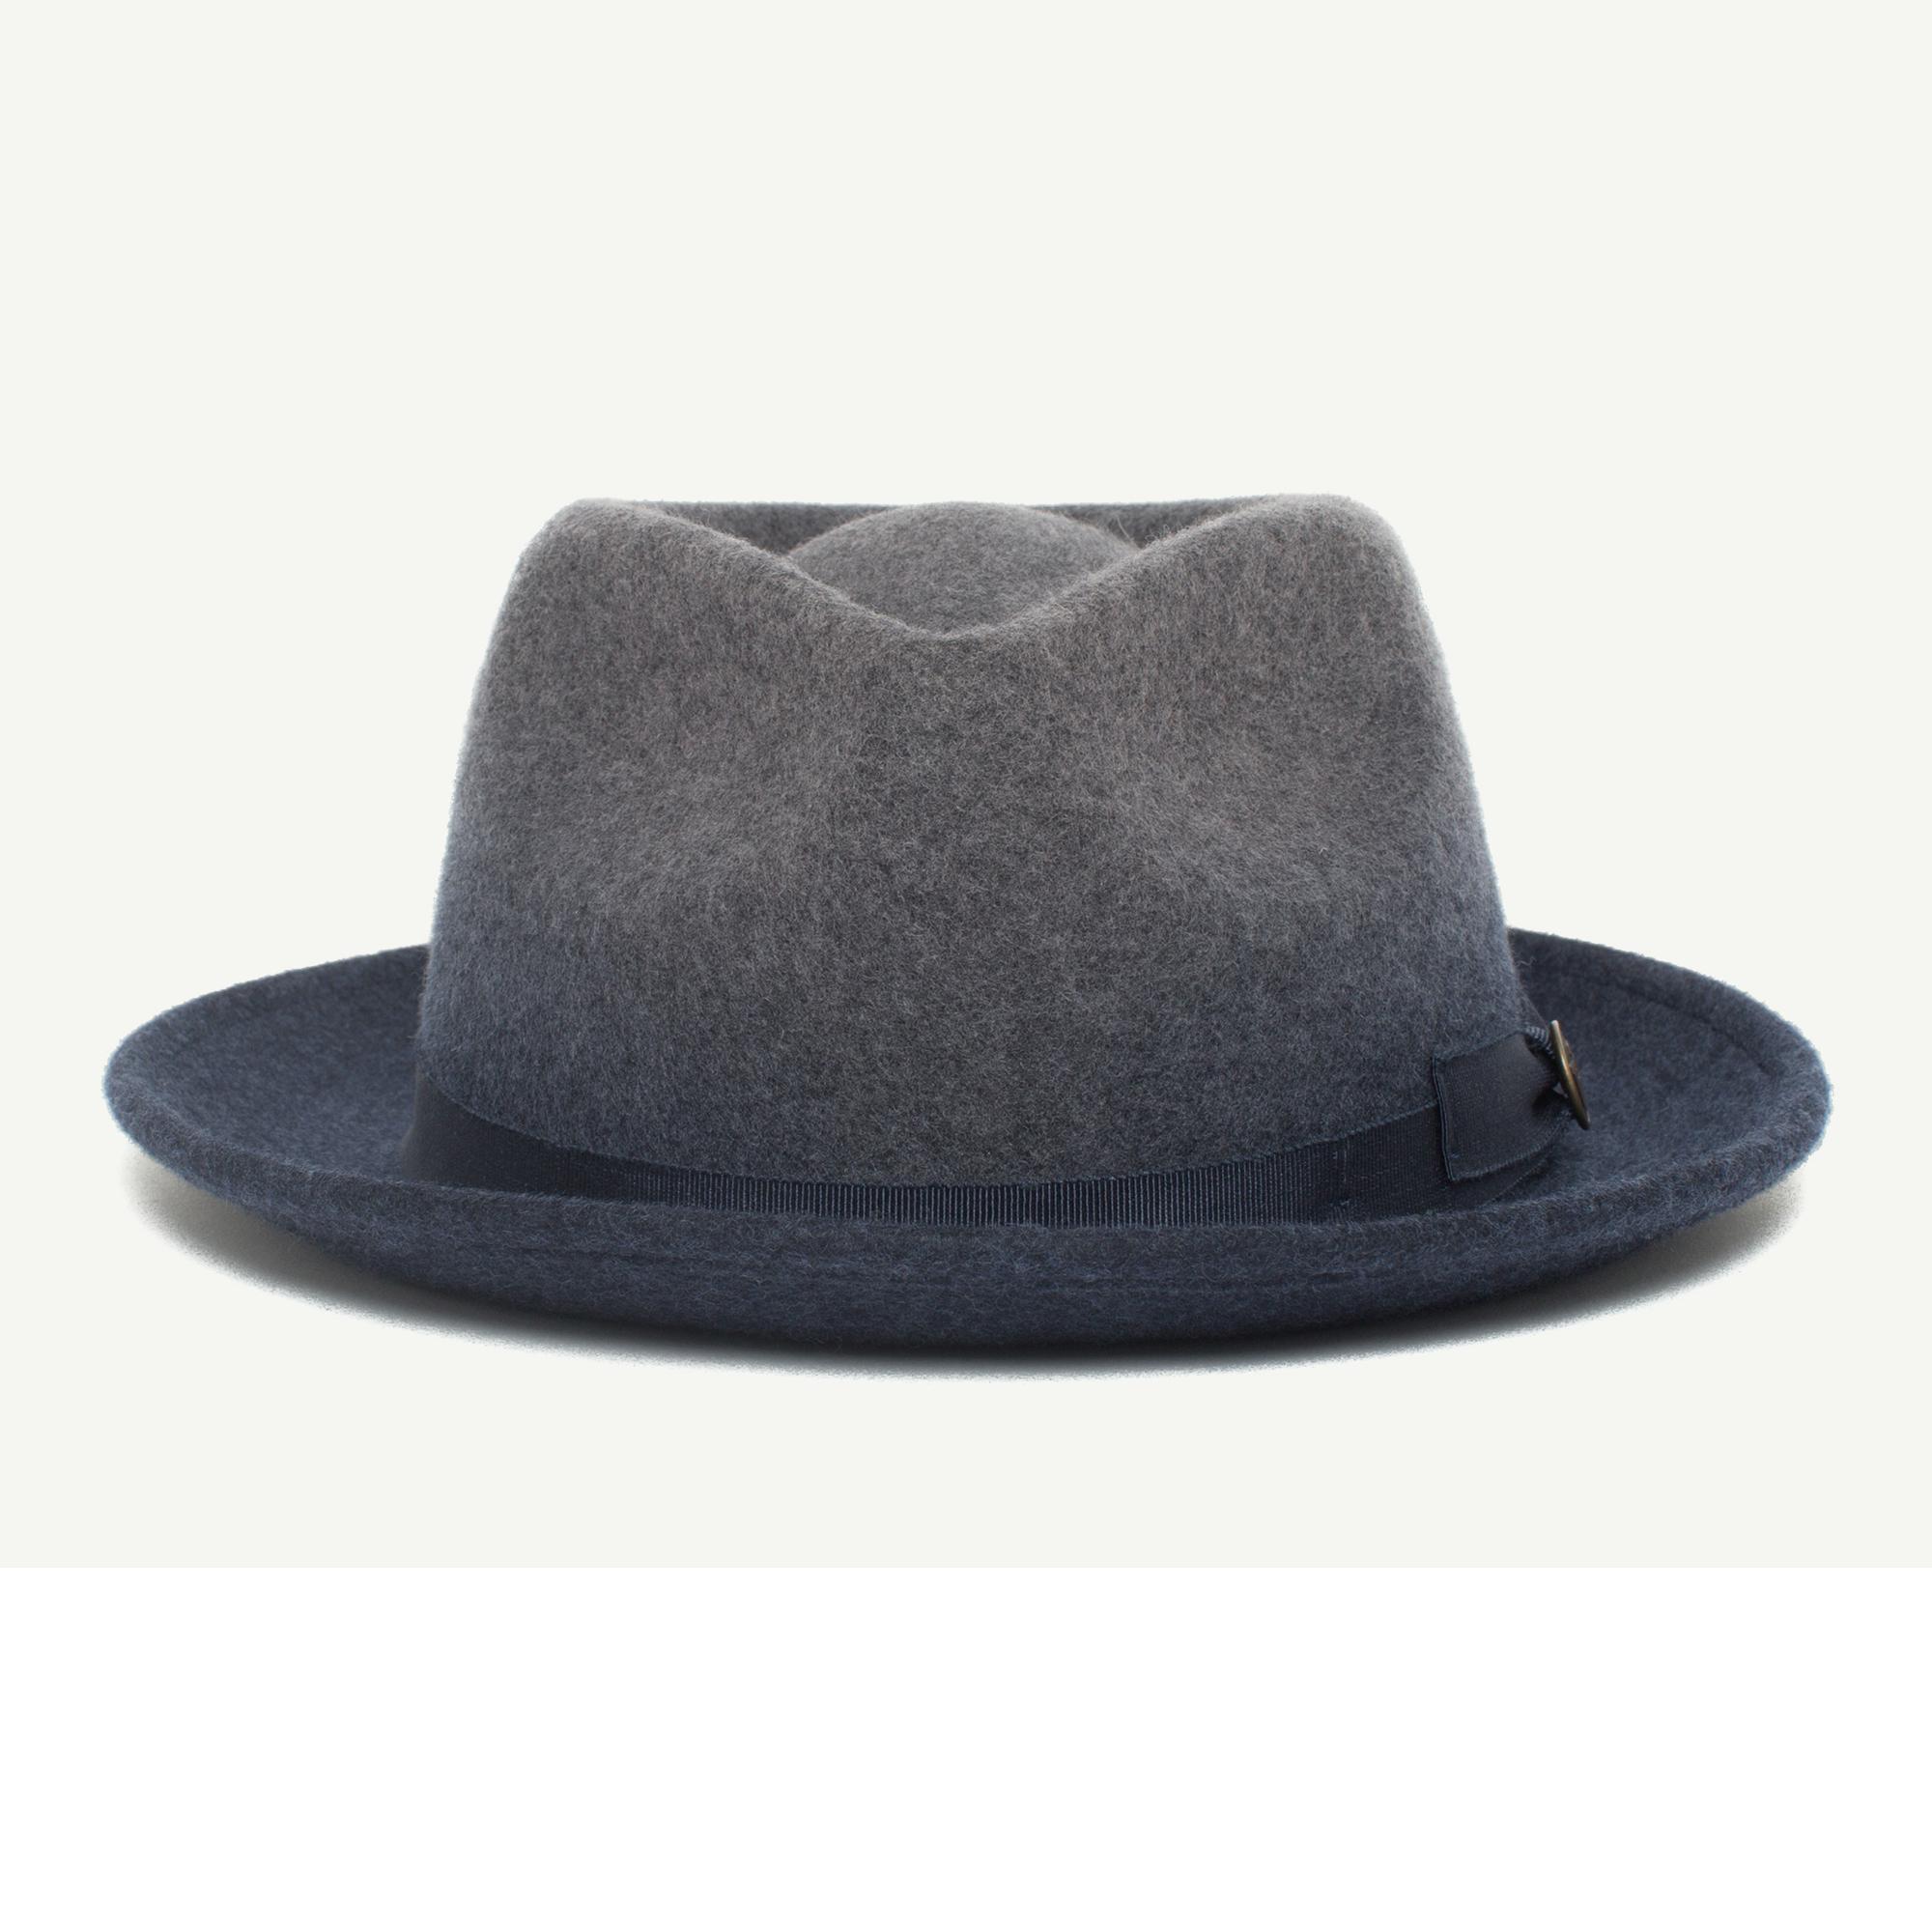 Late Night Felt Fedora Hat  6c7c6d0d0c6